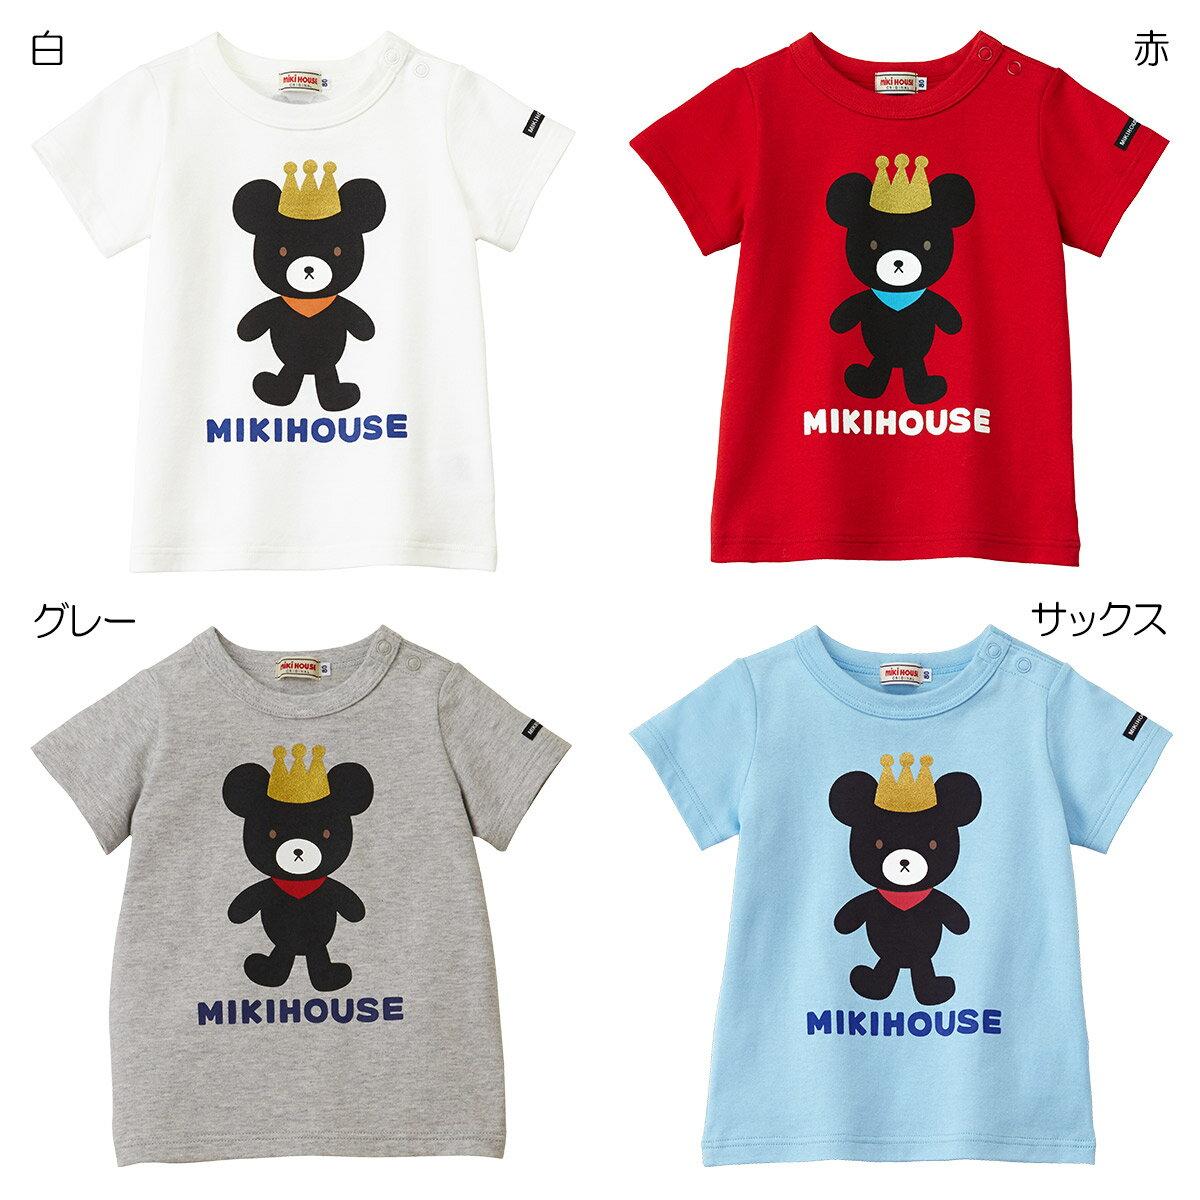 ミキハウス mikihouse キングくん半袖Tシャツ(80cm-130cm)